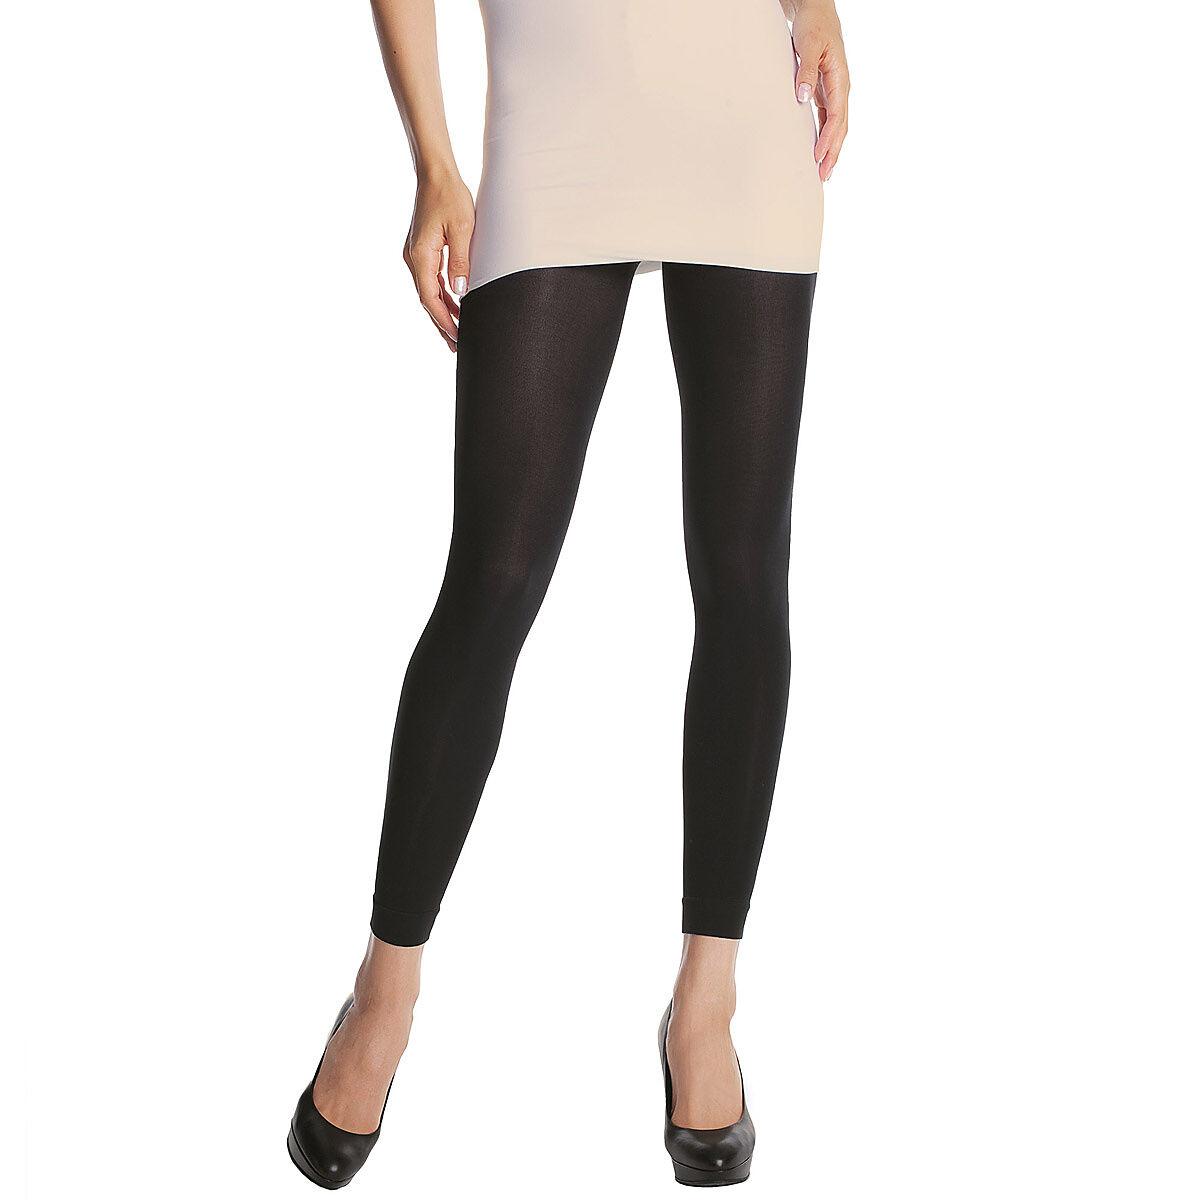 Legging noir DIM SIGNATURE Opaque Velouté 60D